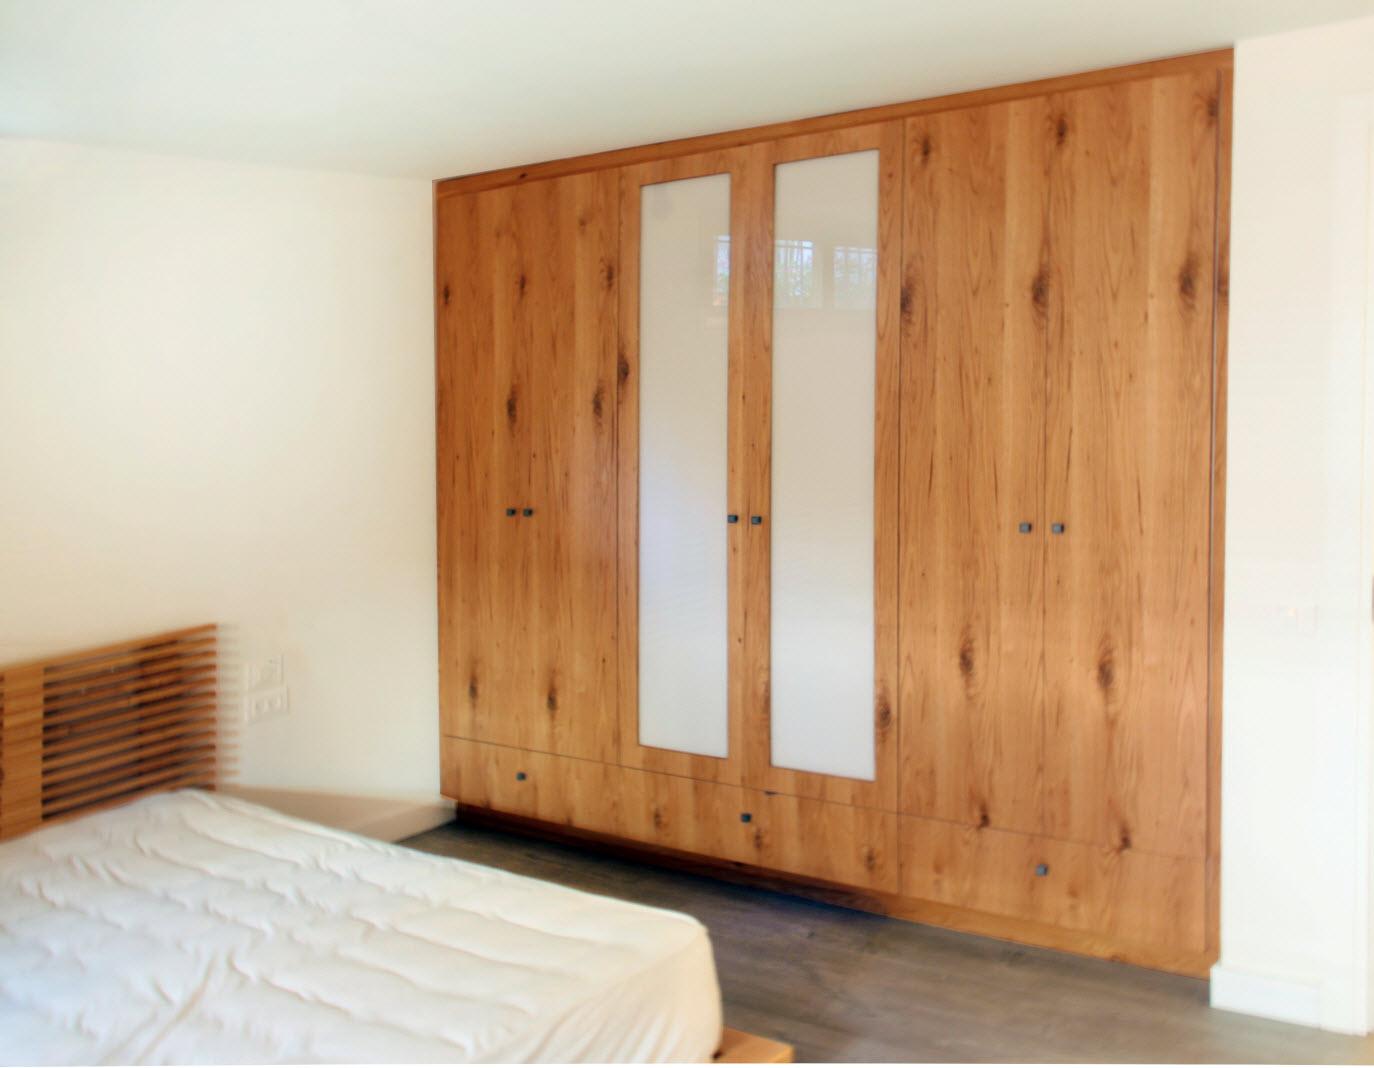 ארון בגדים 2 + חדר שינה 2